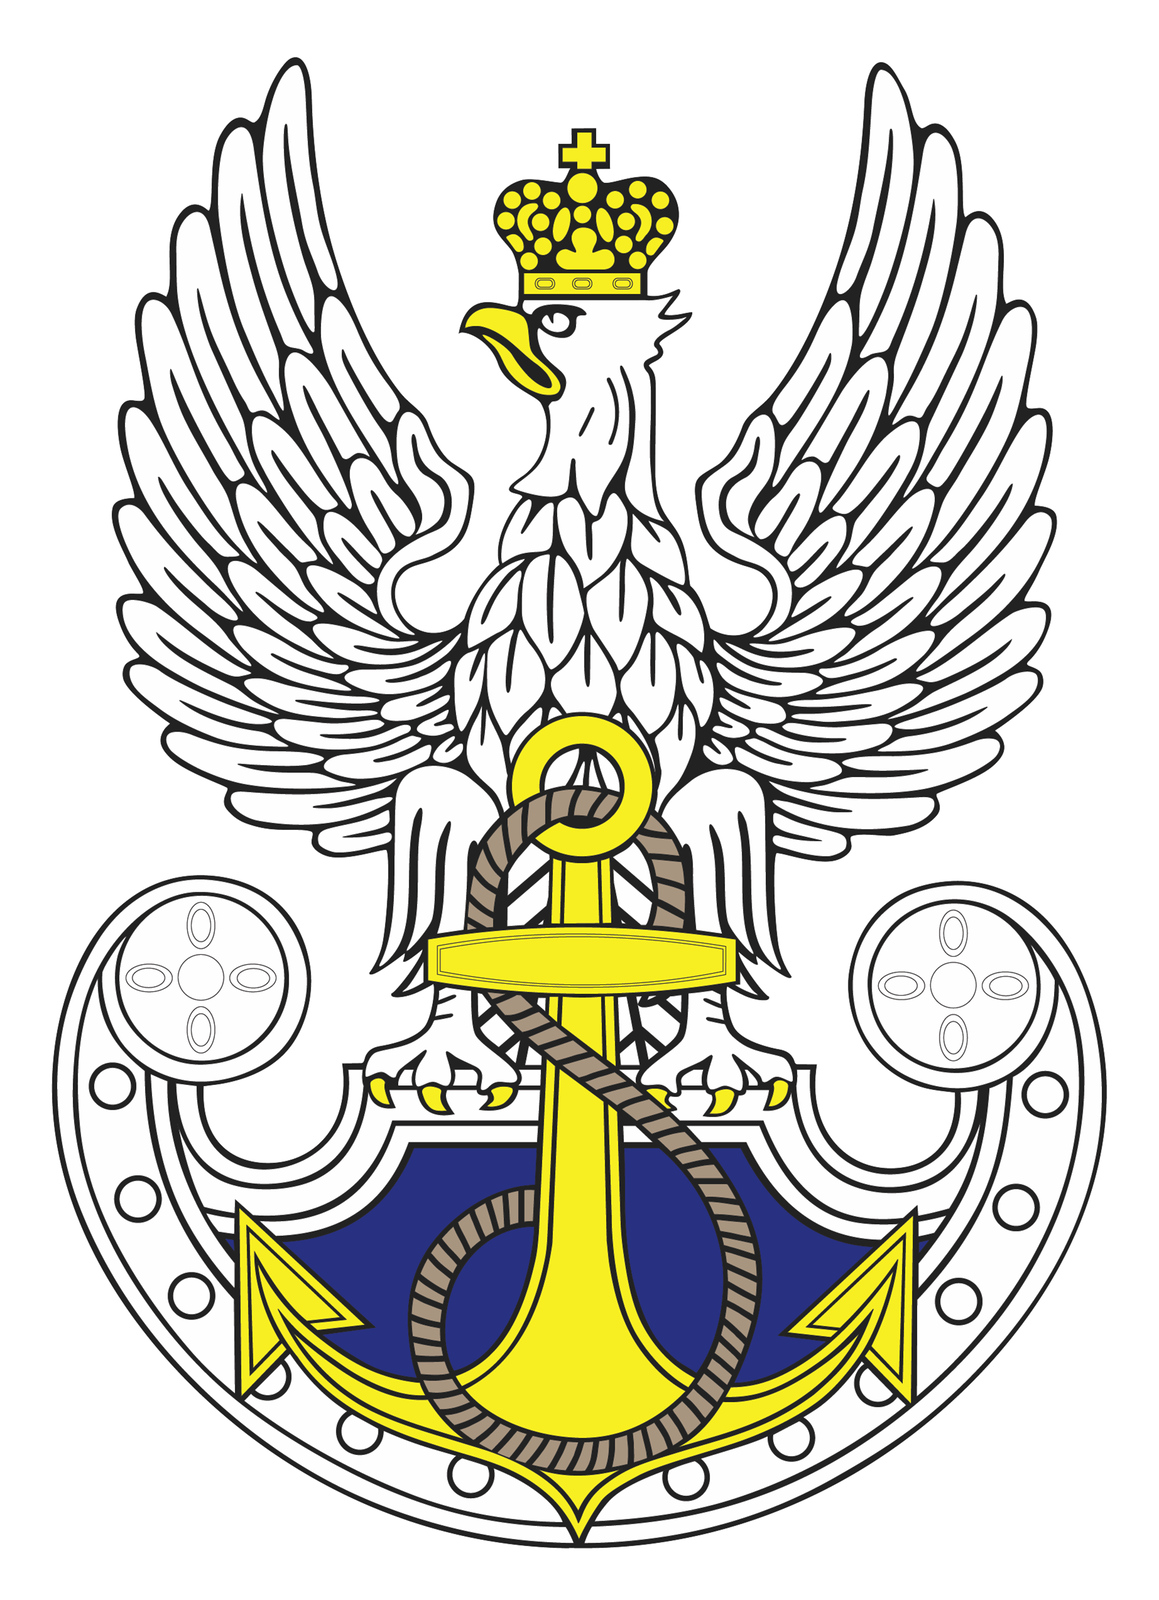 Ilustracja przedstawia symbol marynarki wojennej stylizowany na godło orła polskiego. Biały orzeł ze skrzydłami wzniesionymi ku górze. Głowa zżółtym dziobem skierowana wprawo. Na głowie żółta korona. Na szczycie korony krzyż równoramienny. Szpony orła zakończone żółtymi pazurami przytrzymują tarczę. Orzeł osadzony jest na tarczy amazonek. Tarcza zakończone półkoliście wdolnej części. Kształt tarczy tworzy formę półksiężyca ułożonego poziomo. Końce tarczy zaokrąglone. Wnętrze tarczy granatowe. Na powierzchni tarczy pionowo ustawiona żółta kotwica. Przez okrągły uchwyt, wgórnej części kotwicy, przewleczona jest gruba lina. Lina zakręca się wokół kotwicy wdolnej części.